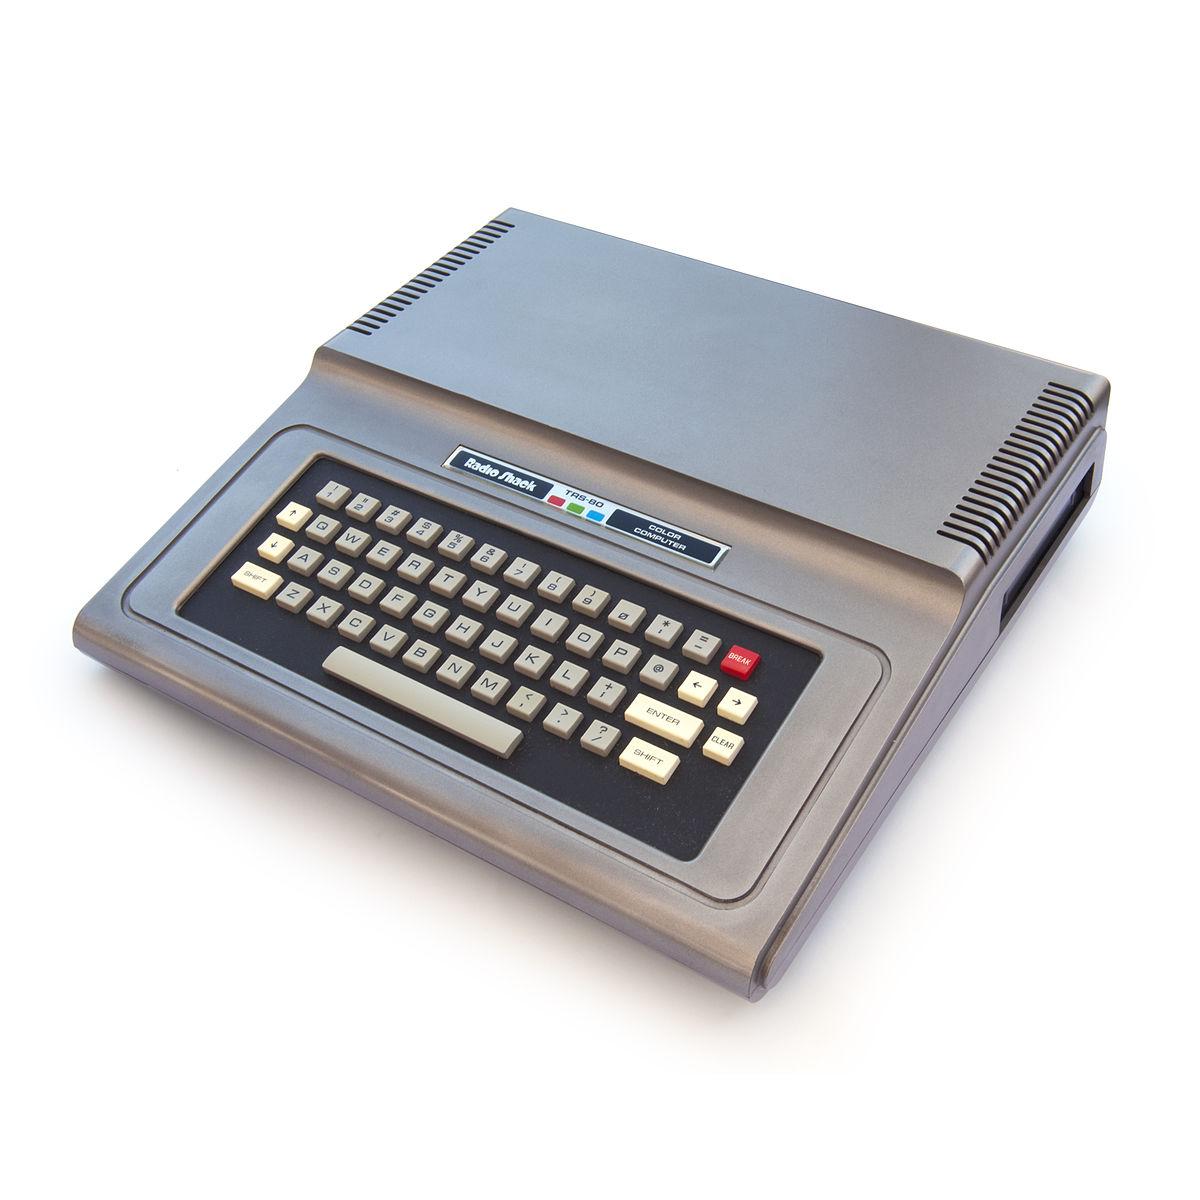 Посмотрите на эти ужасные клавиатуры 70-х и 80-х [Перевод]. - Изображение 8